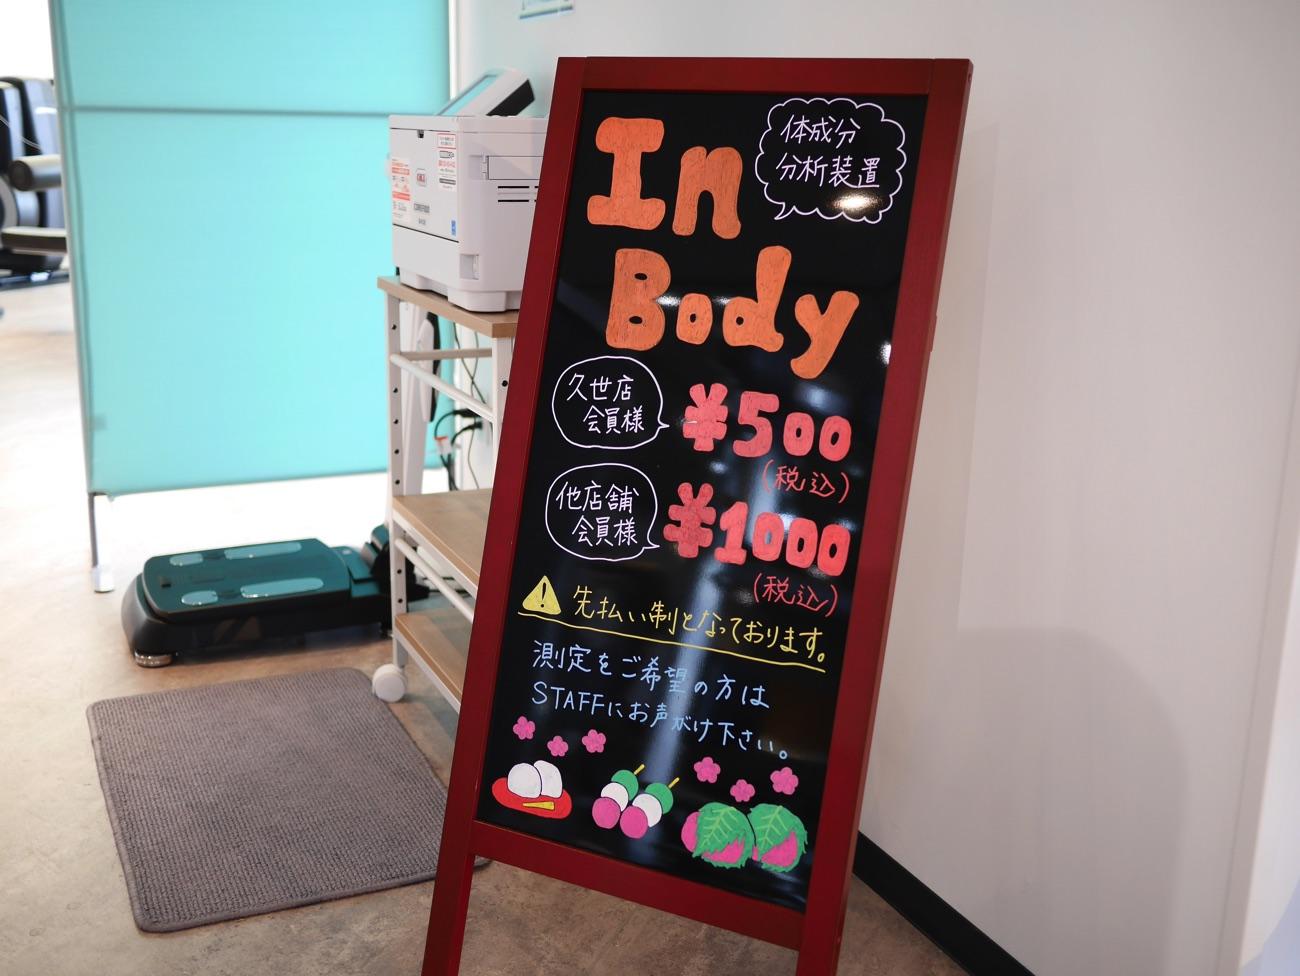 久世店会員は500円で利用できる